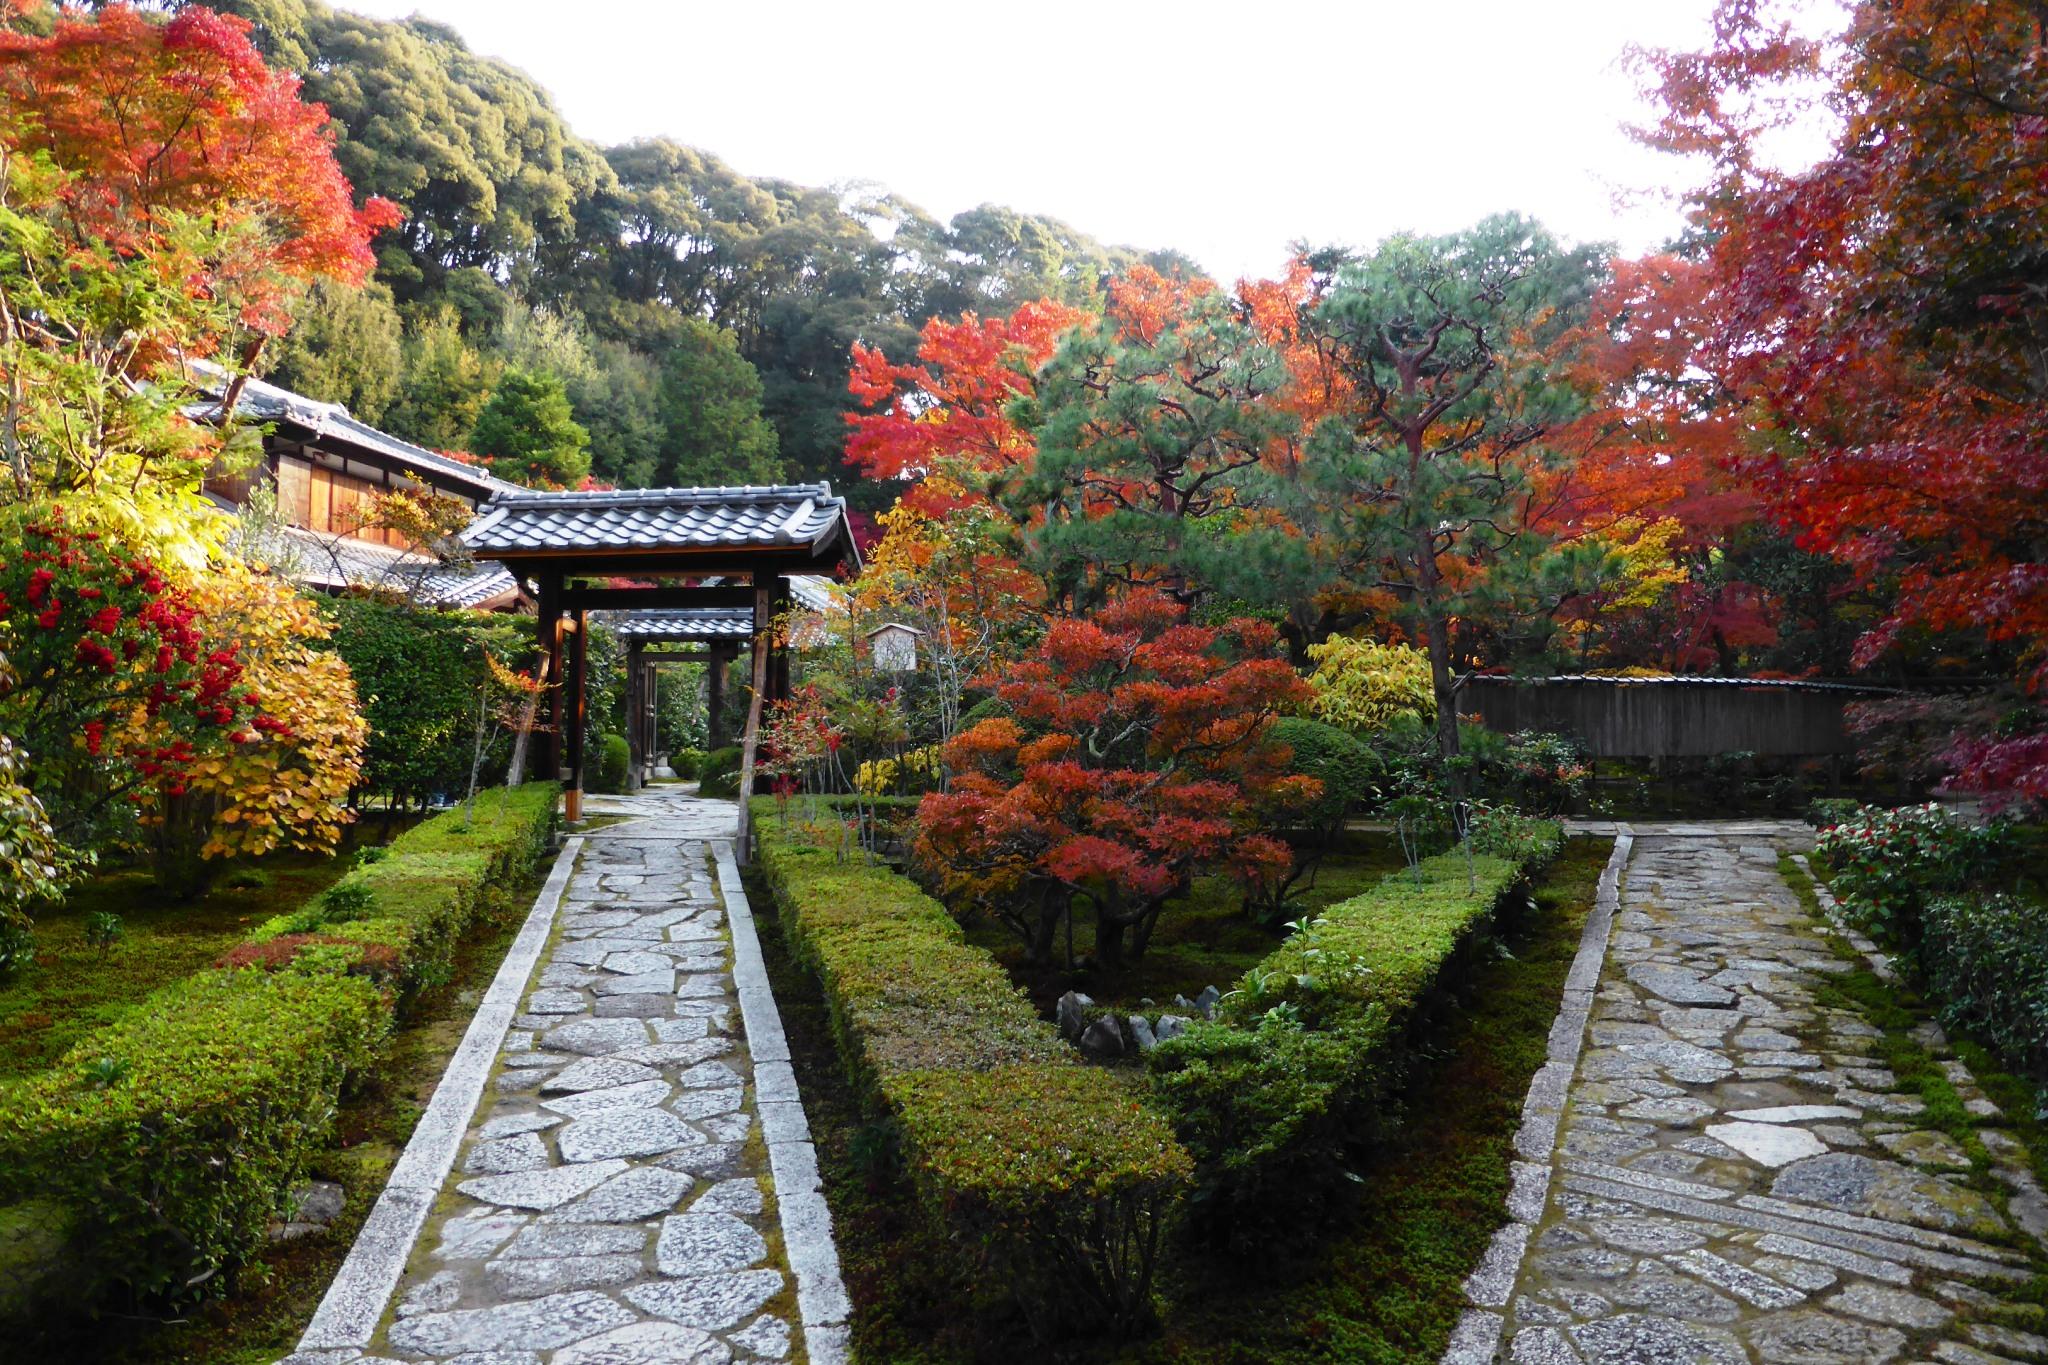 京都市東山区にある即宗院の庭園